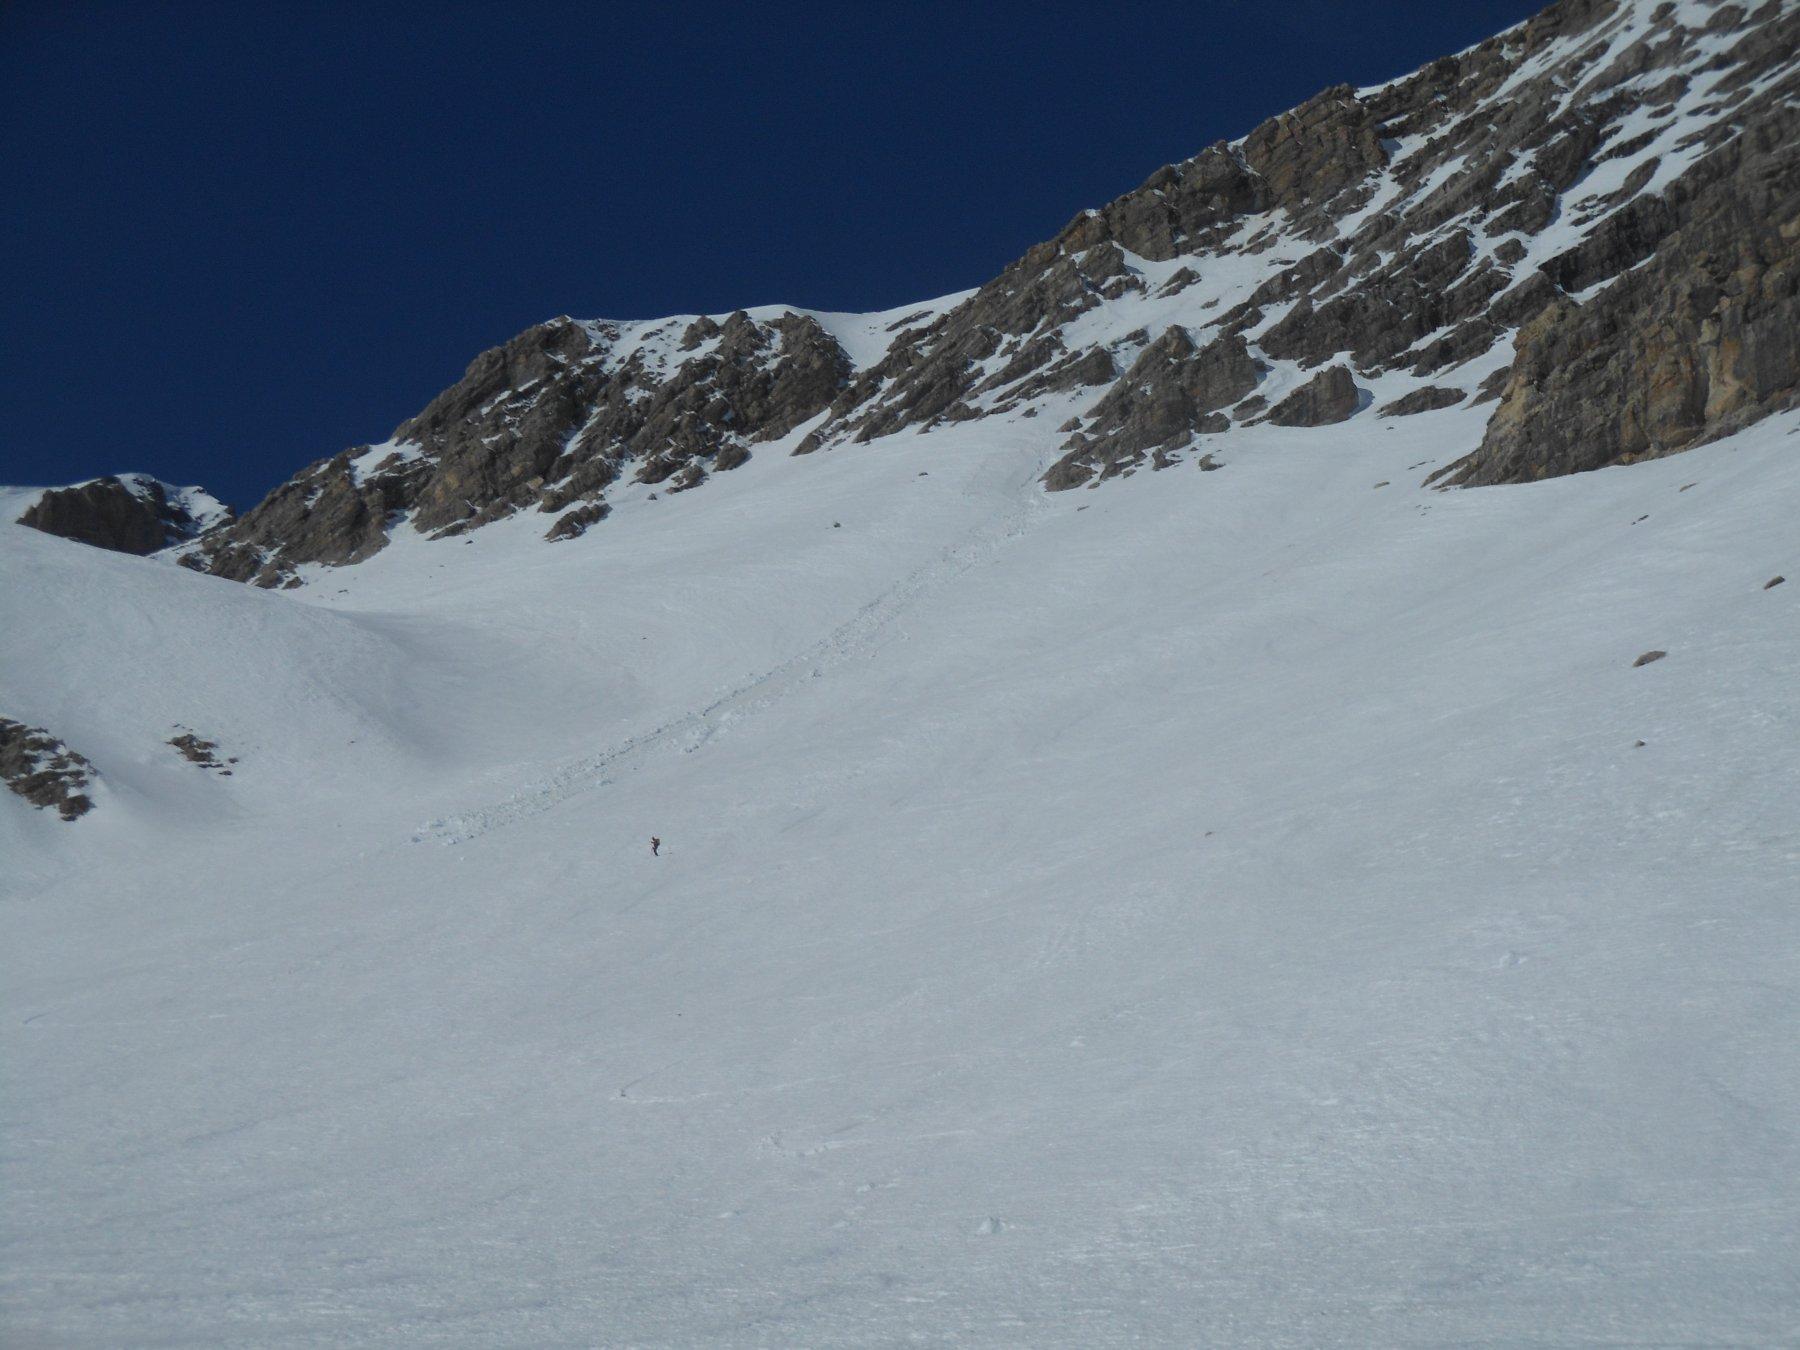 Neve primaverile nella parte bassa, cotta a puntino, spettacolare